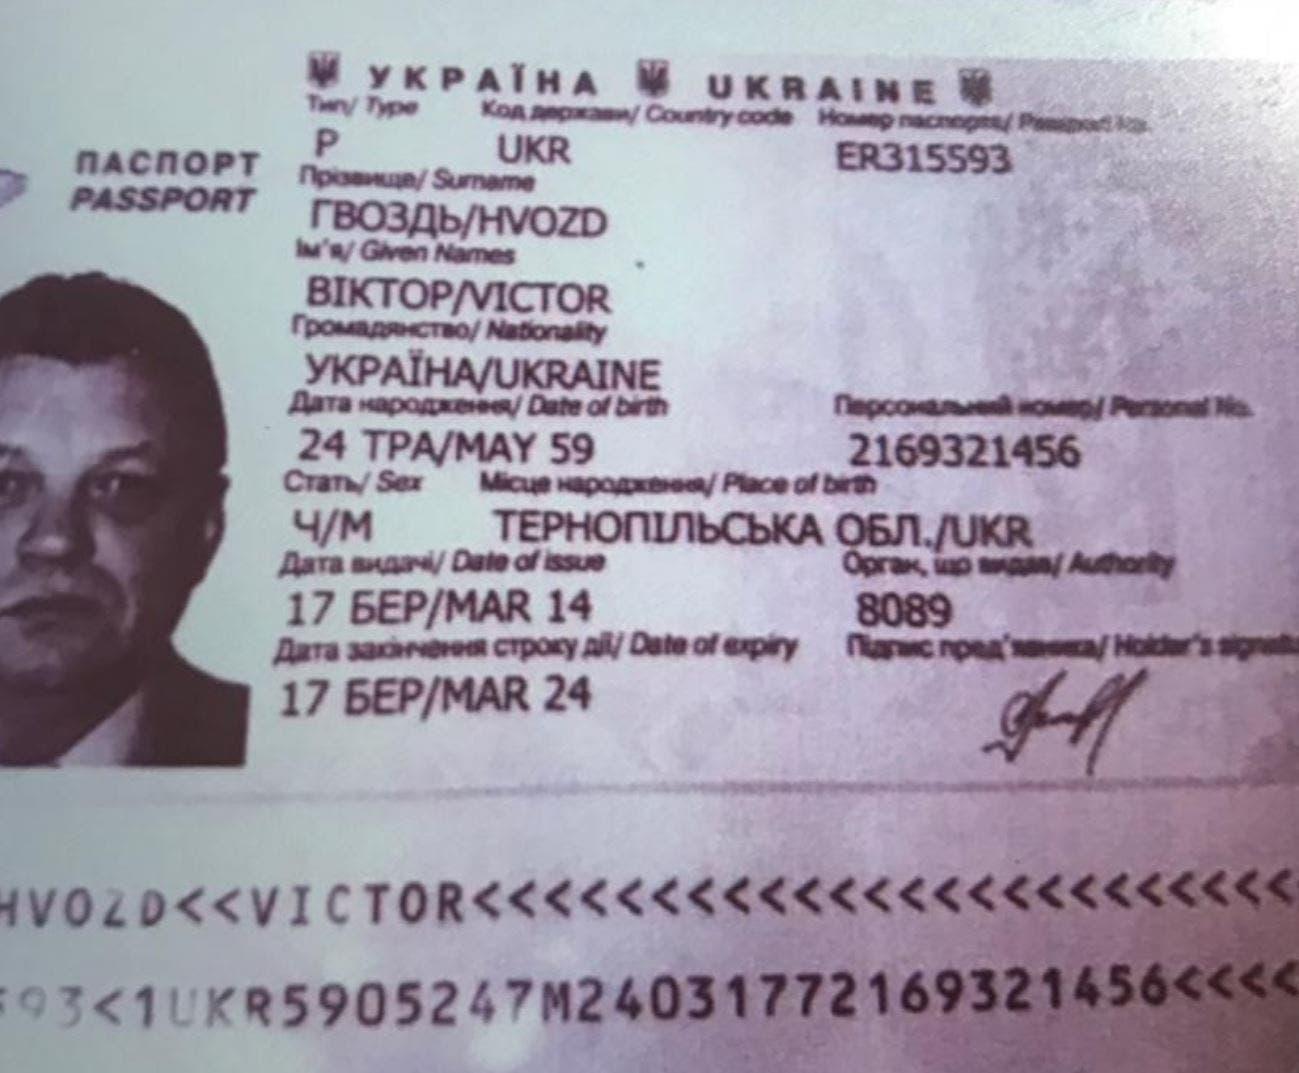 جواز سفر الراحل